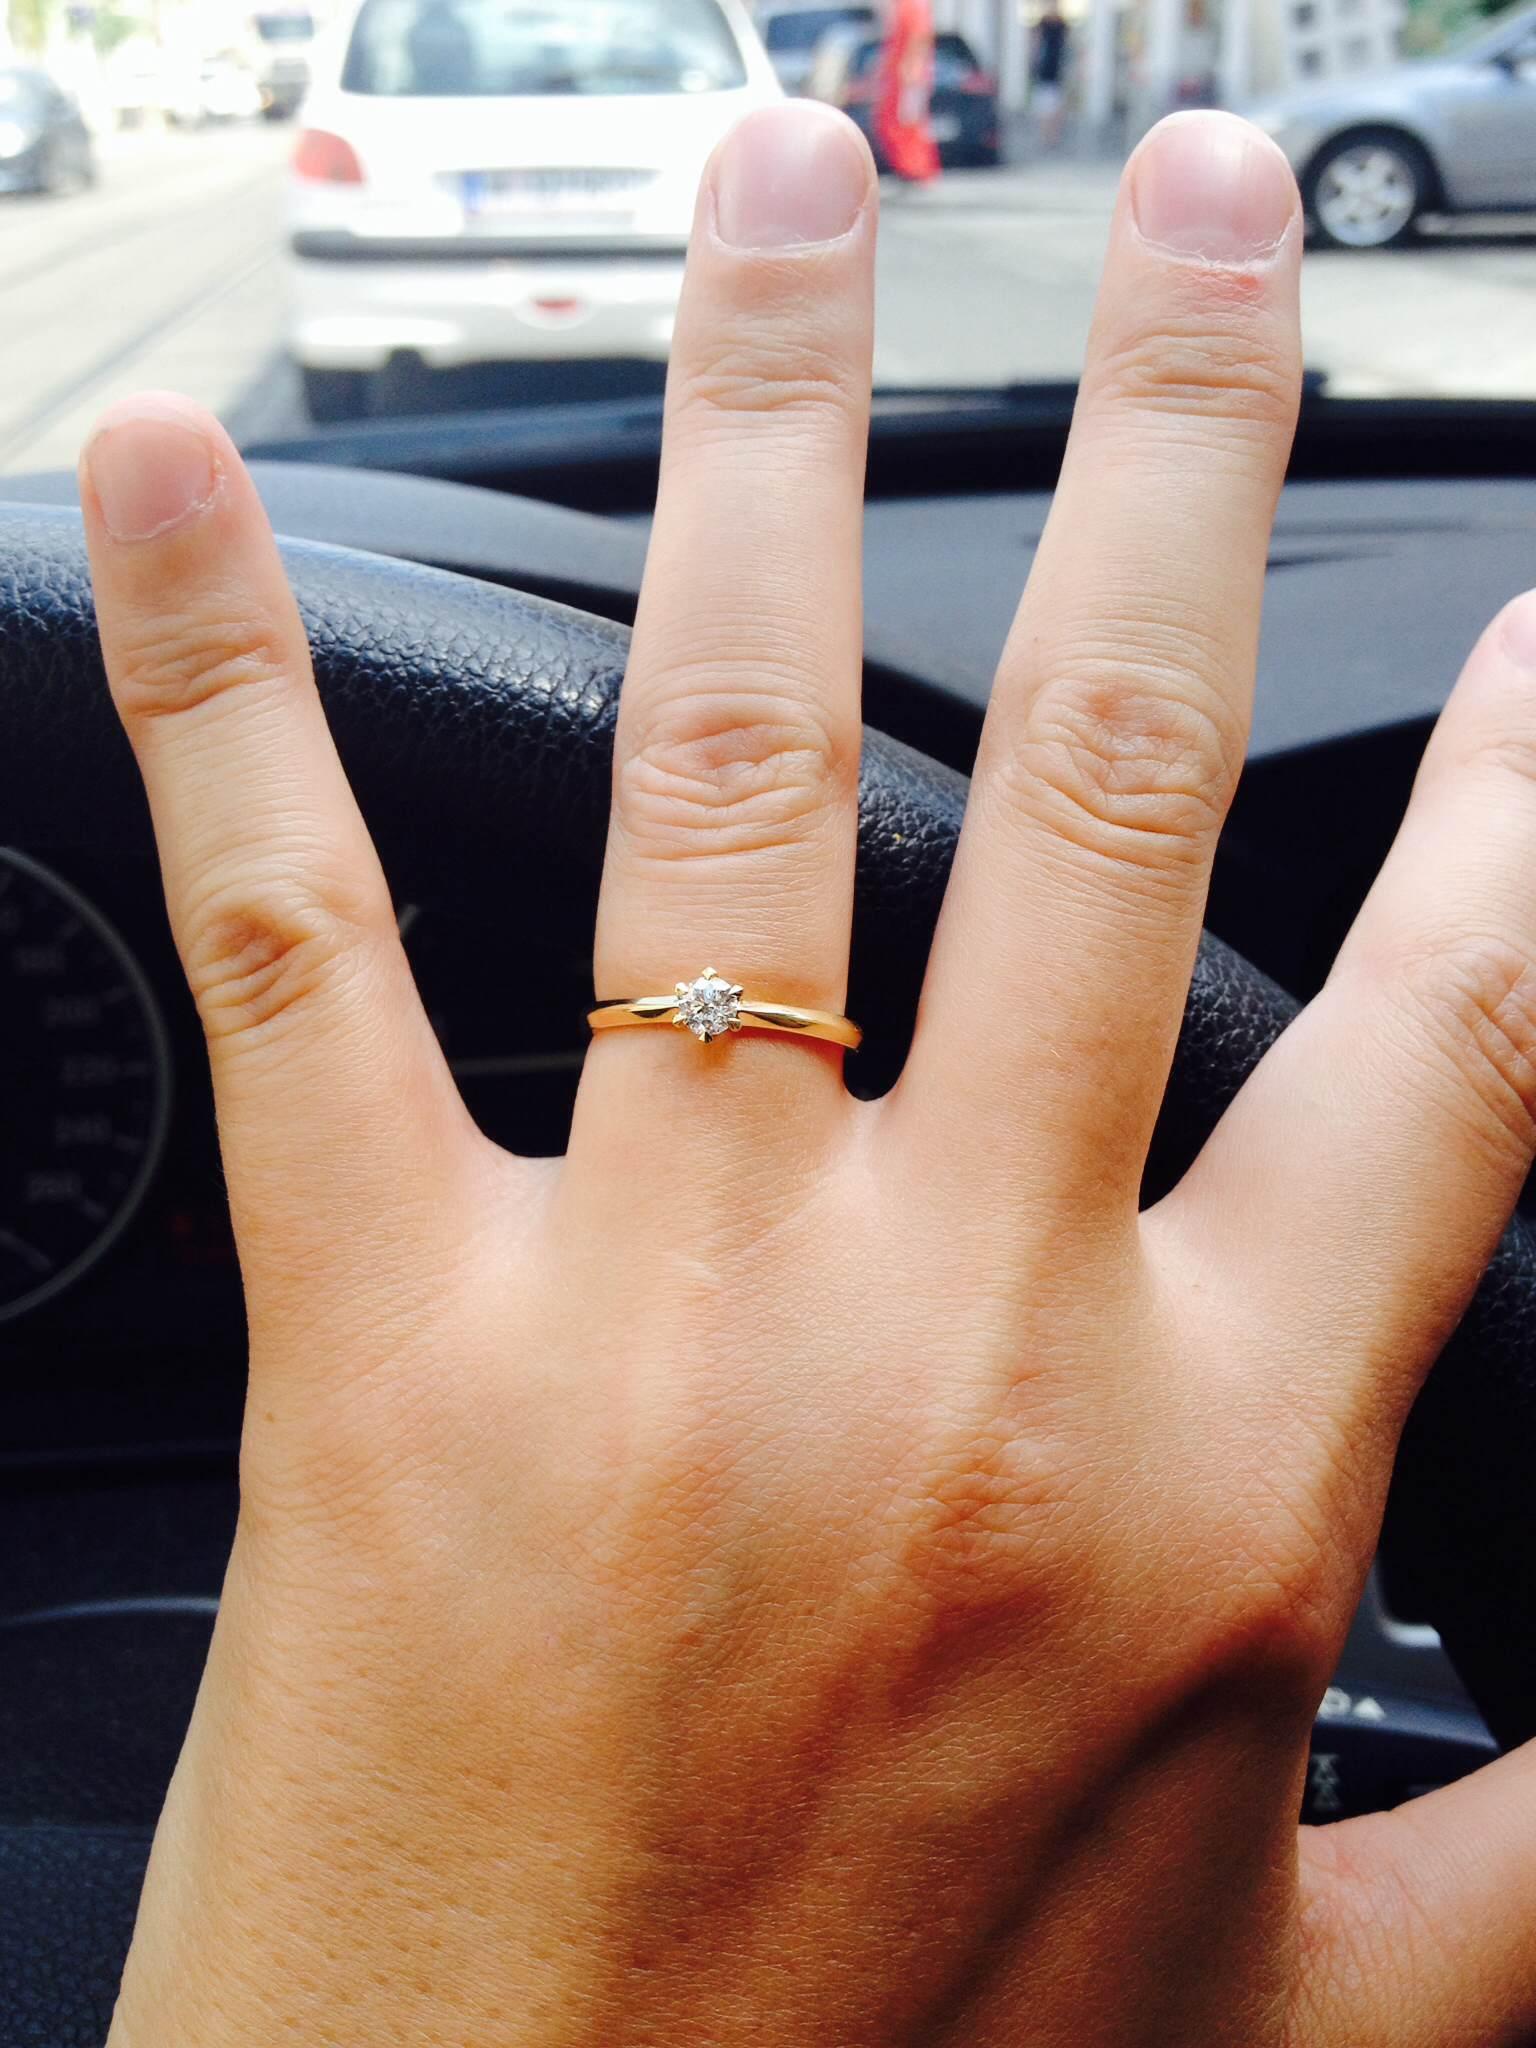 Linda Lukas Verlobung Zu Dritt Heirat At